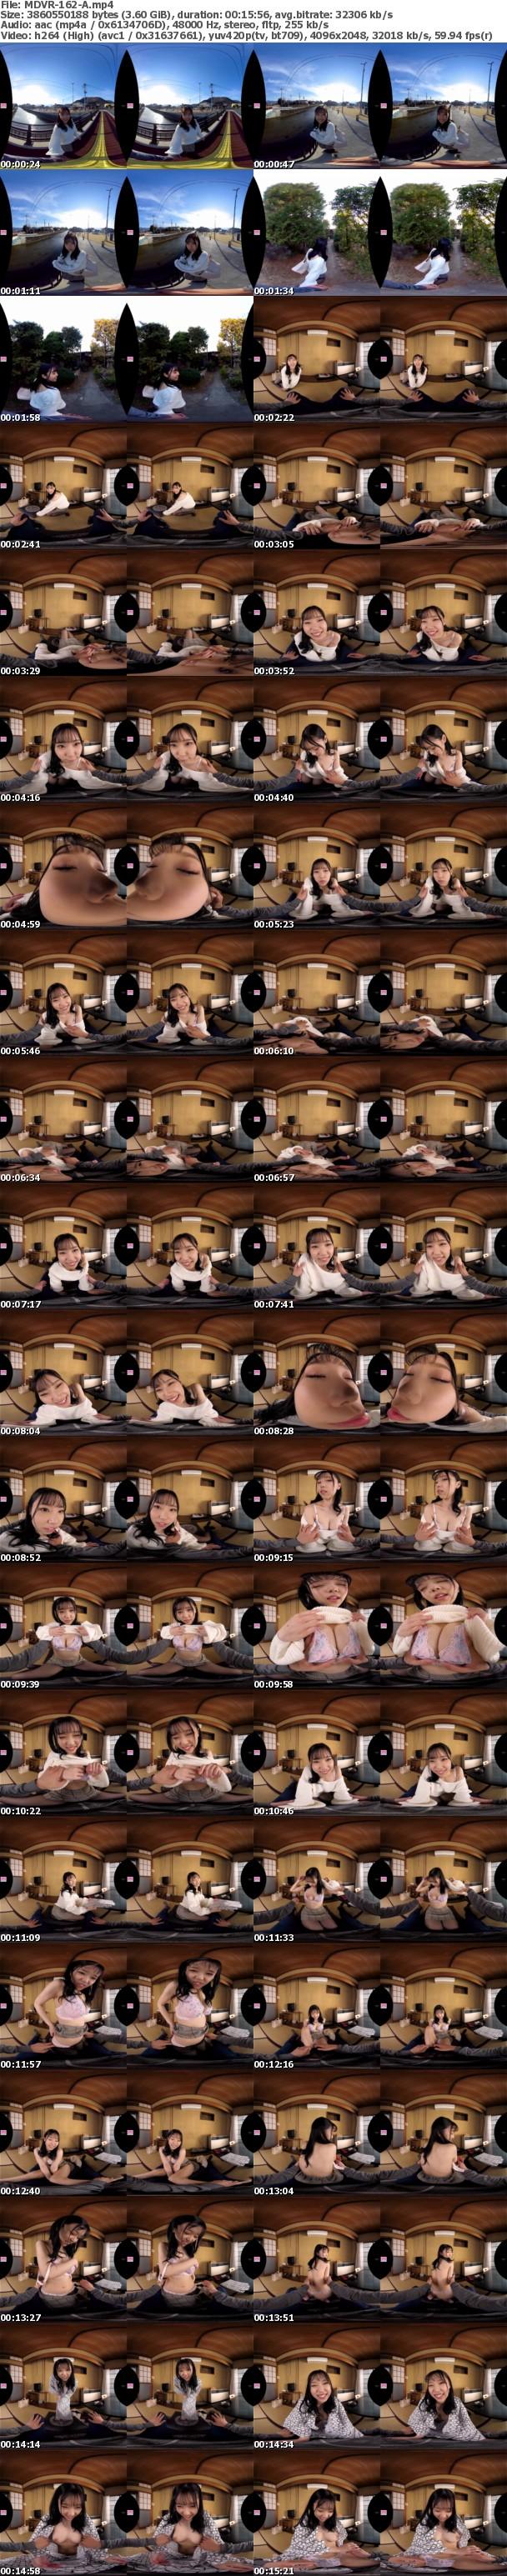 (VR) MDVR-162 卒業温泉旅行VR!!さつき芽衣のかわいさ&エロさ全開2SEX SPECIAL!!